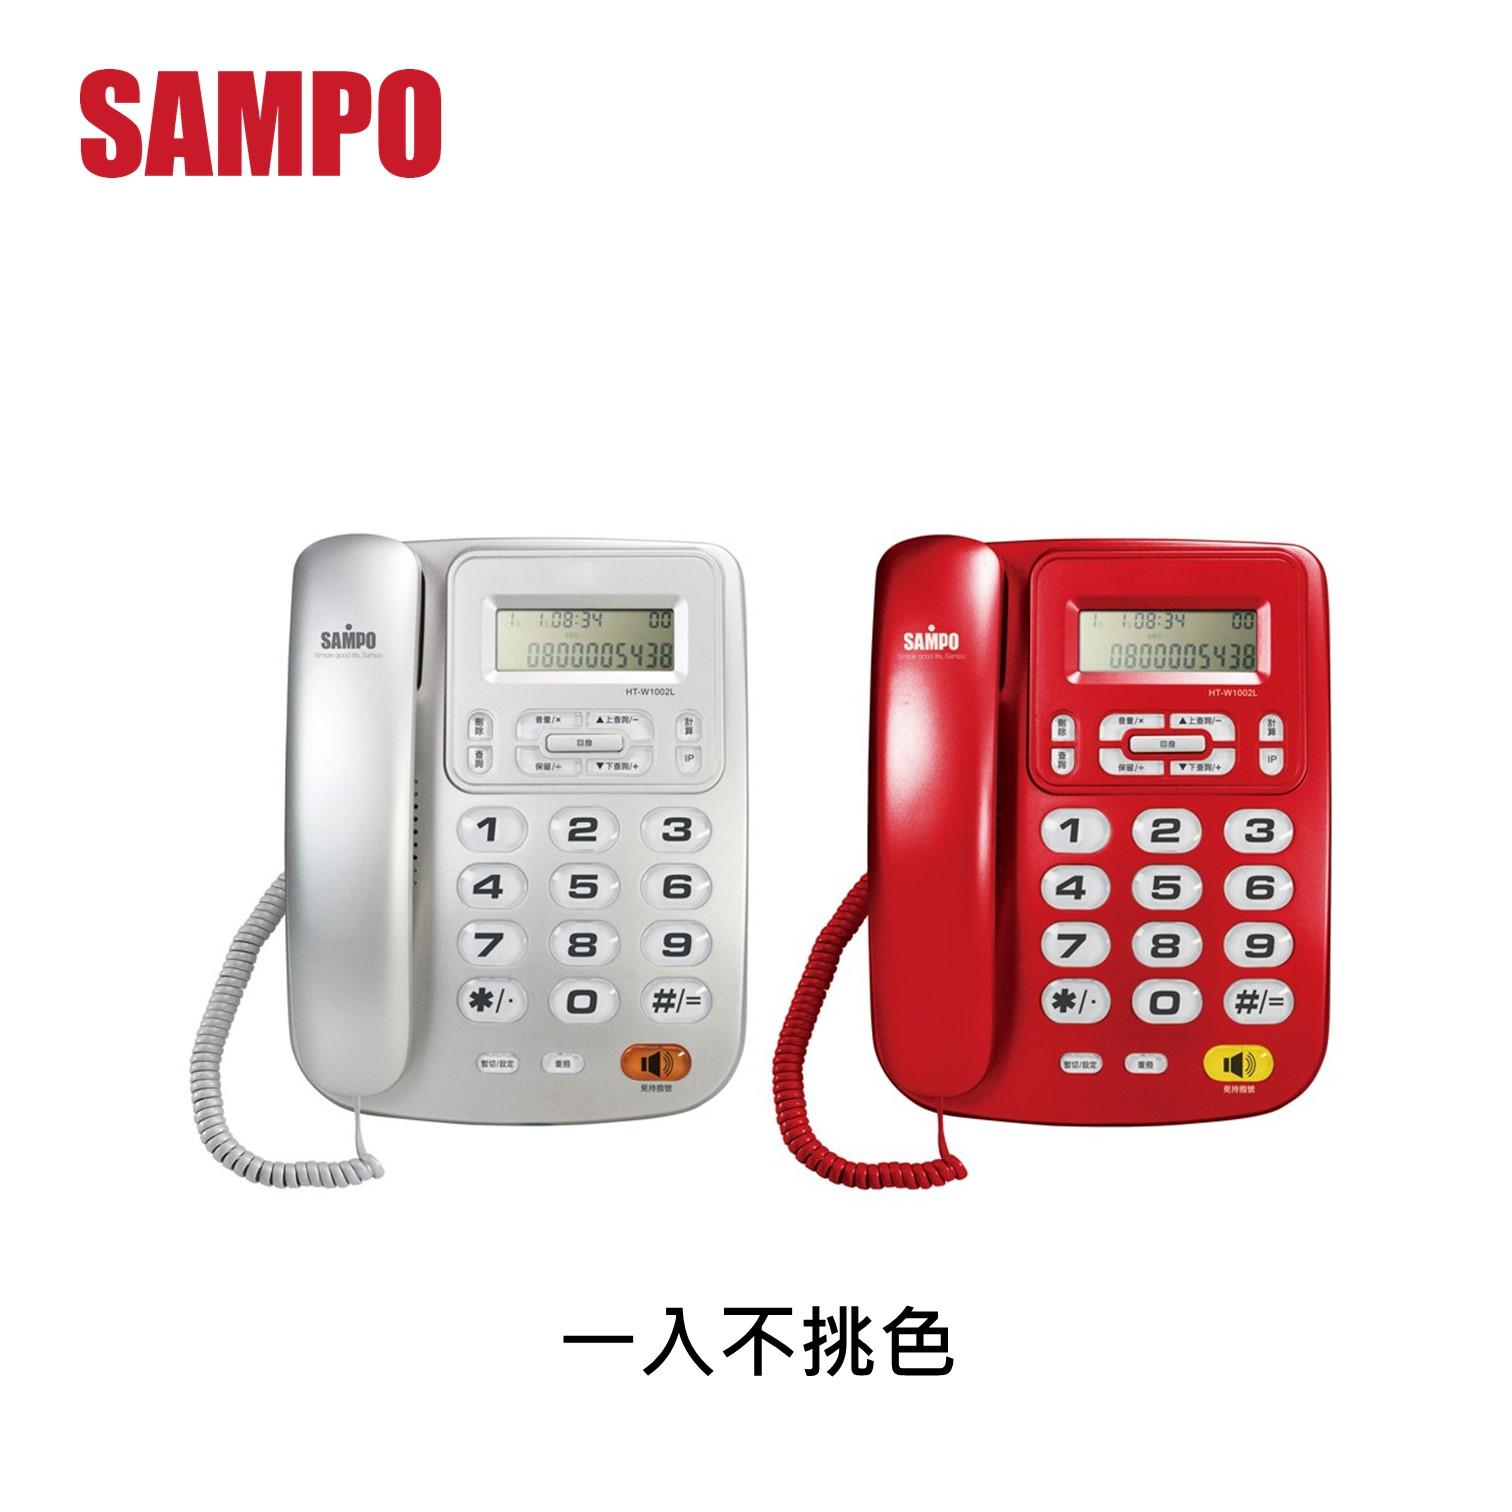 聲寶有線電話HT-W1002L(HT-W1002L)